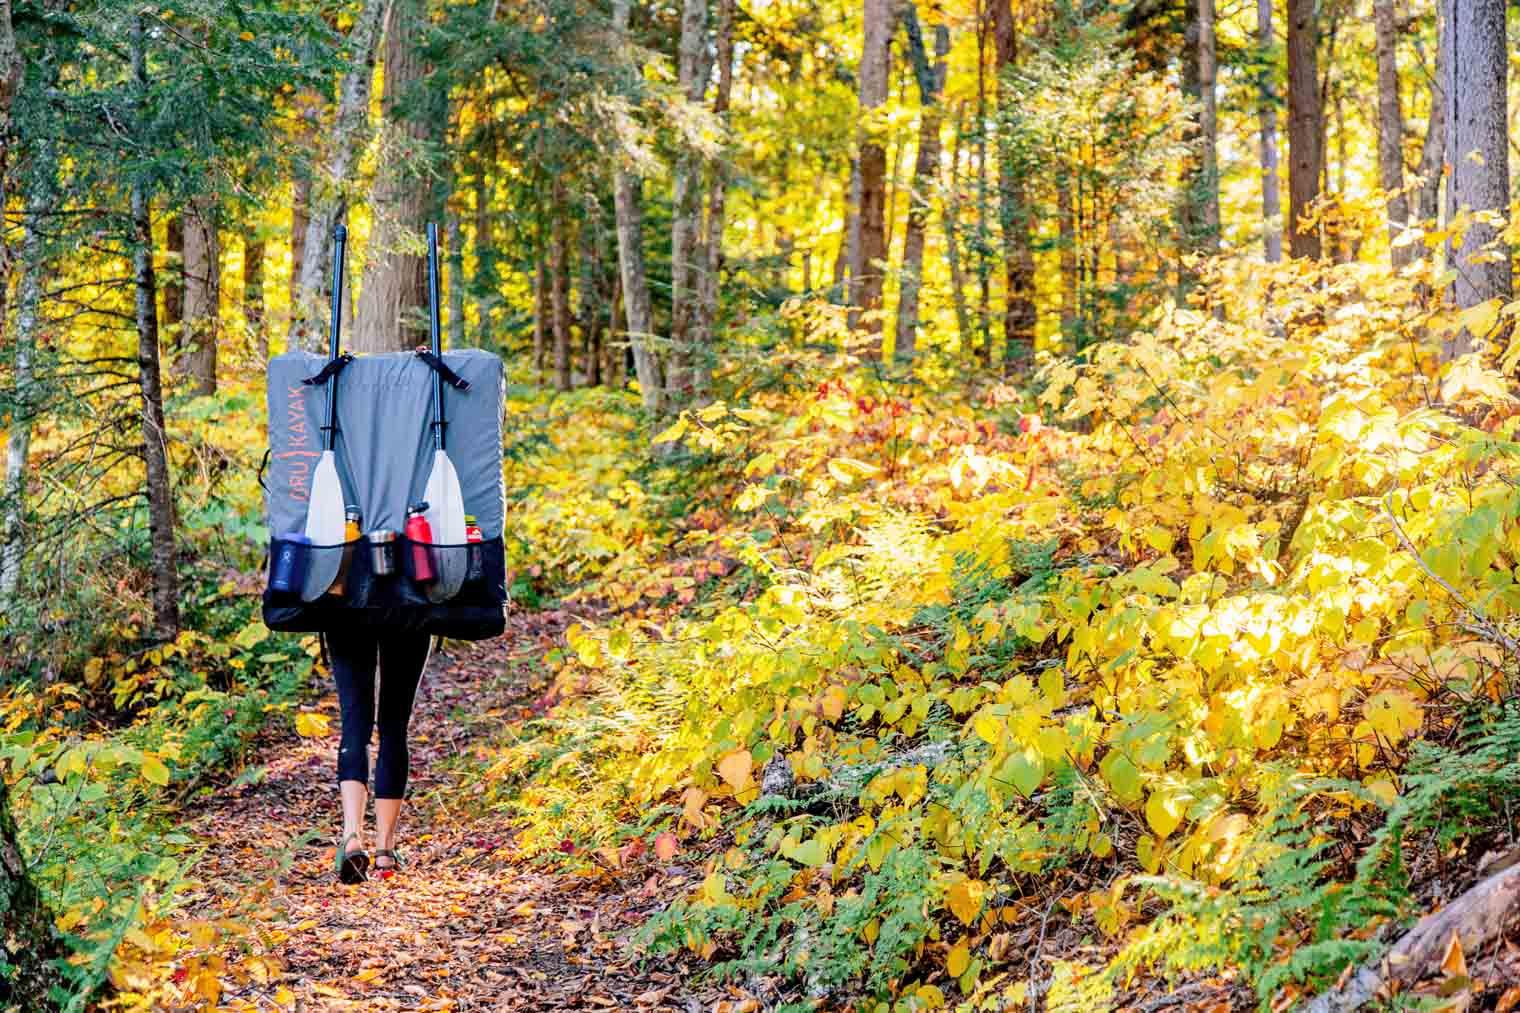 Hiking with the foldable Oru Kayak